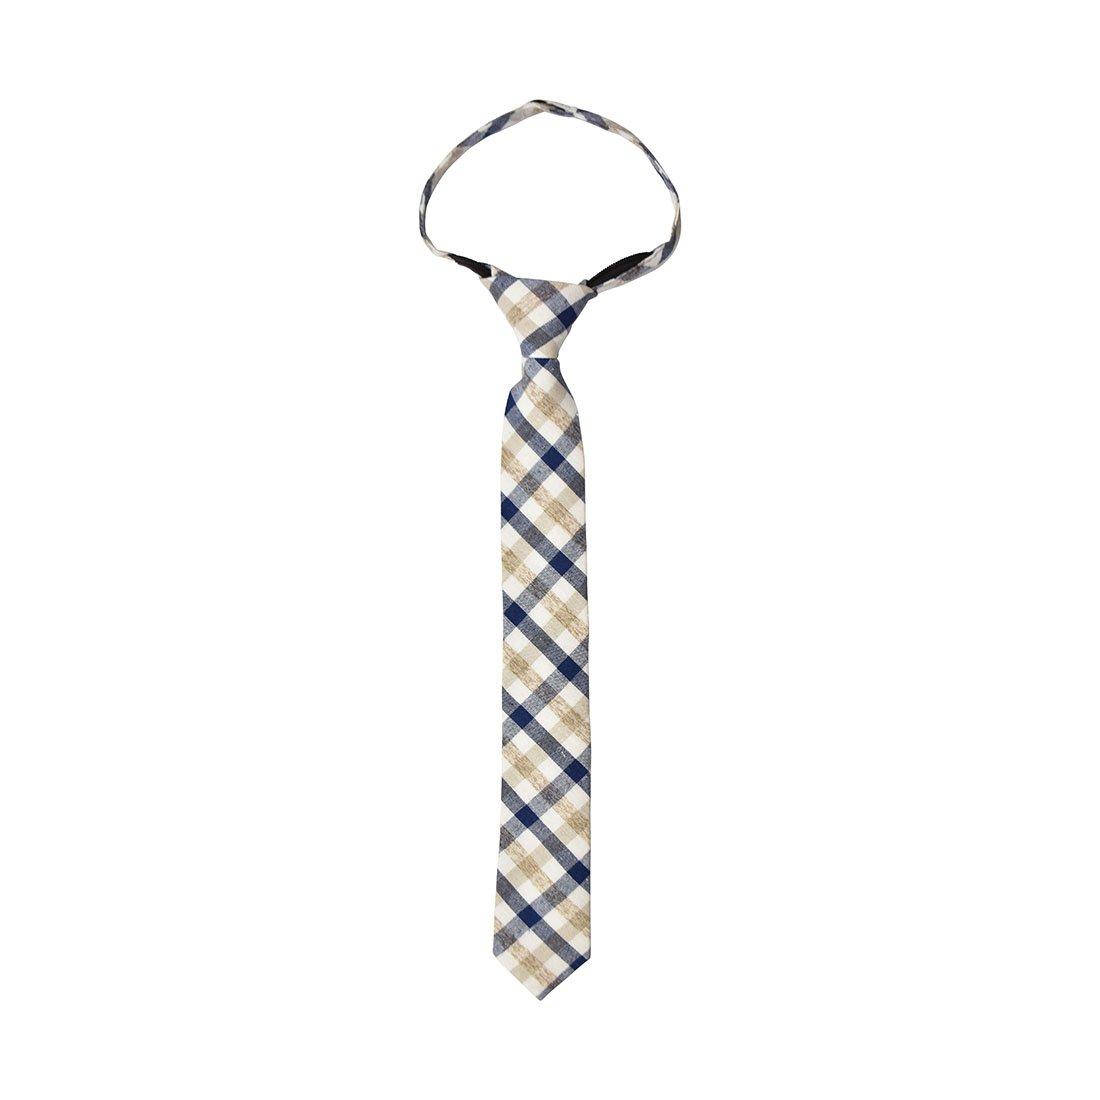 Checkered Cotton Zipper Up Necktie Adjustable Formal Tie AGZT0031CX